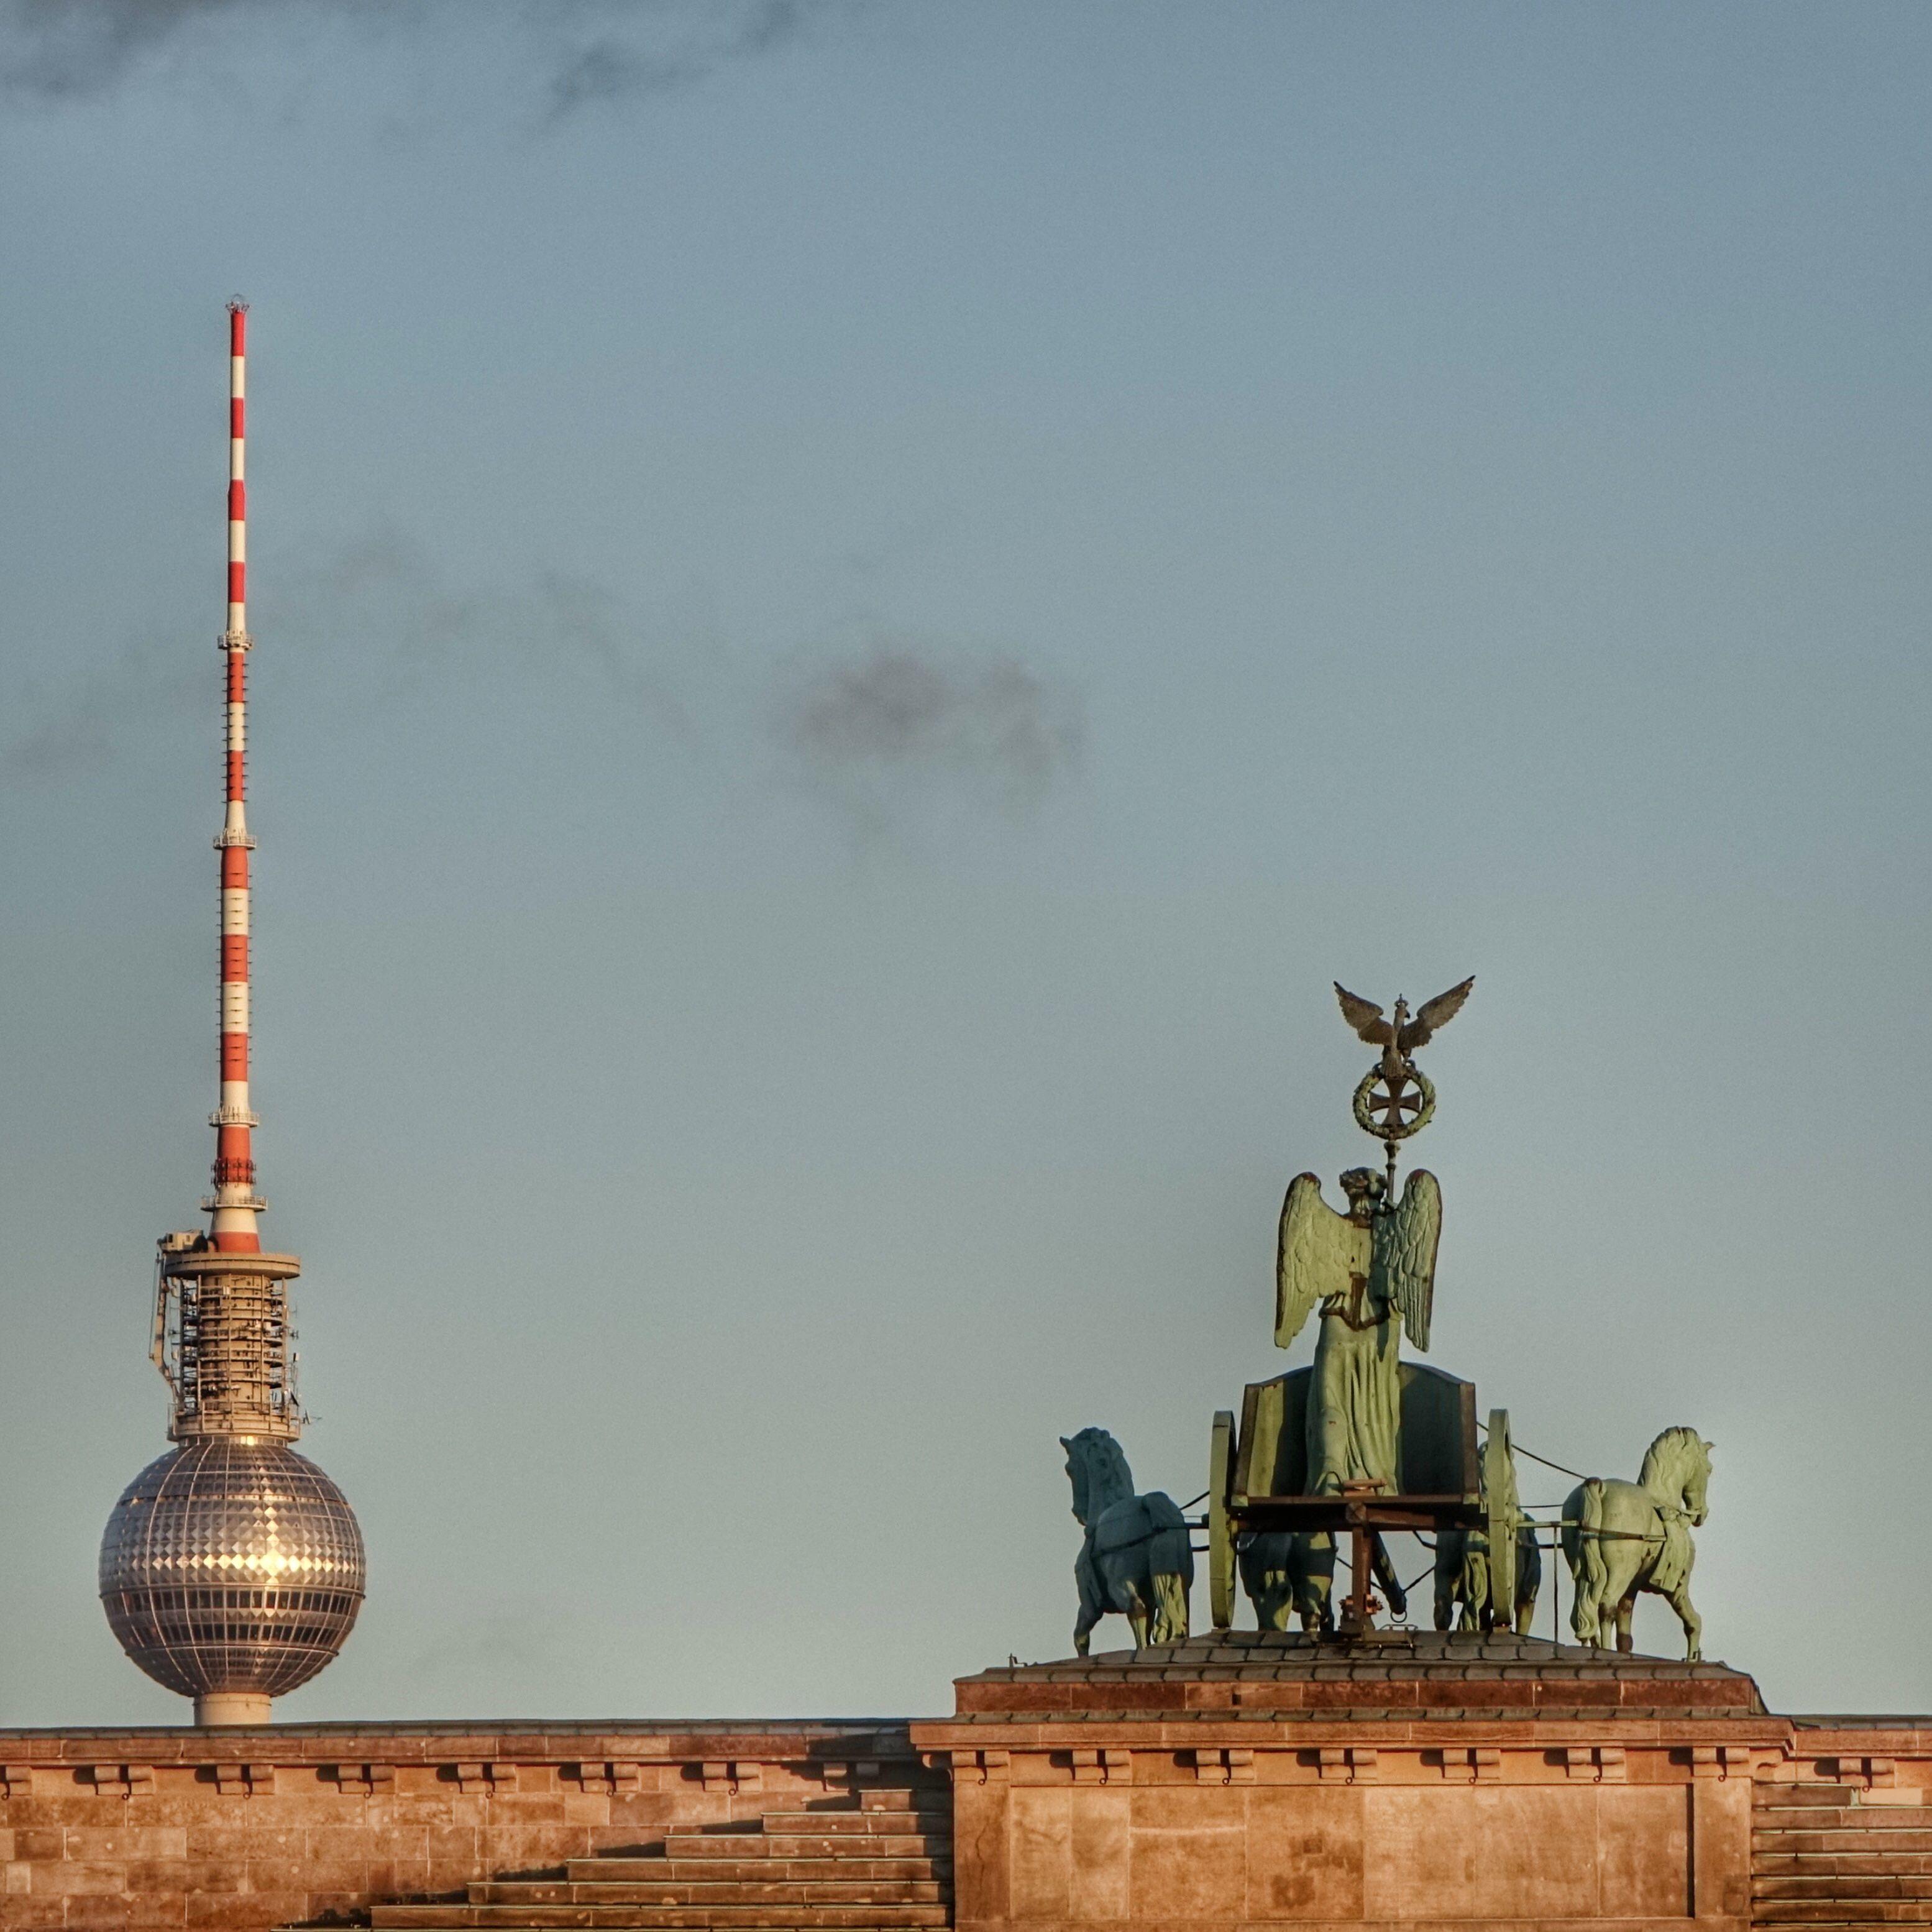 Berlin Deutschland Quadriga Auf Dem Brandenburger Tor Mit Fernsehturm Berliner Luft Fernsehturm Brandenburger Tor Und Berlin